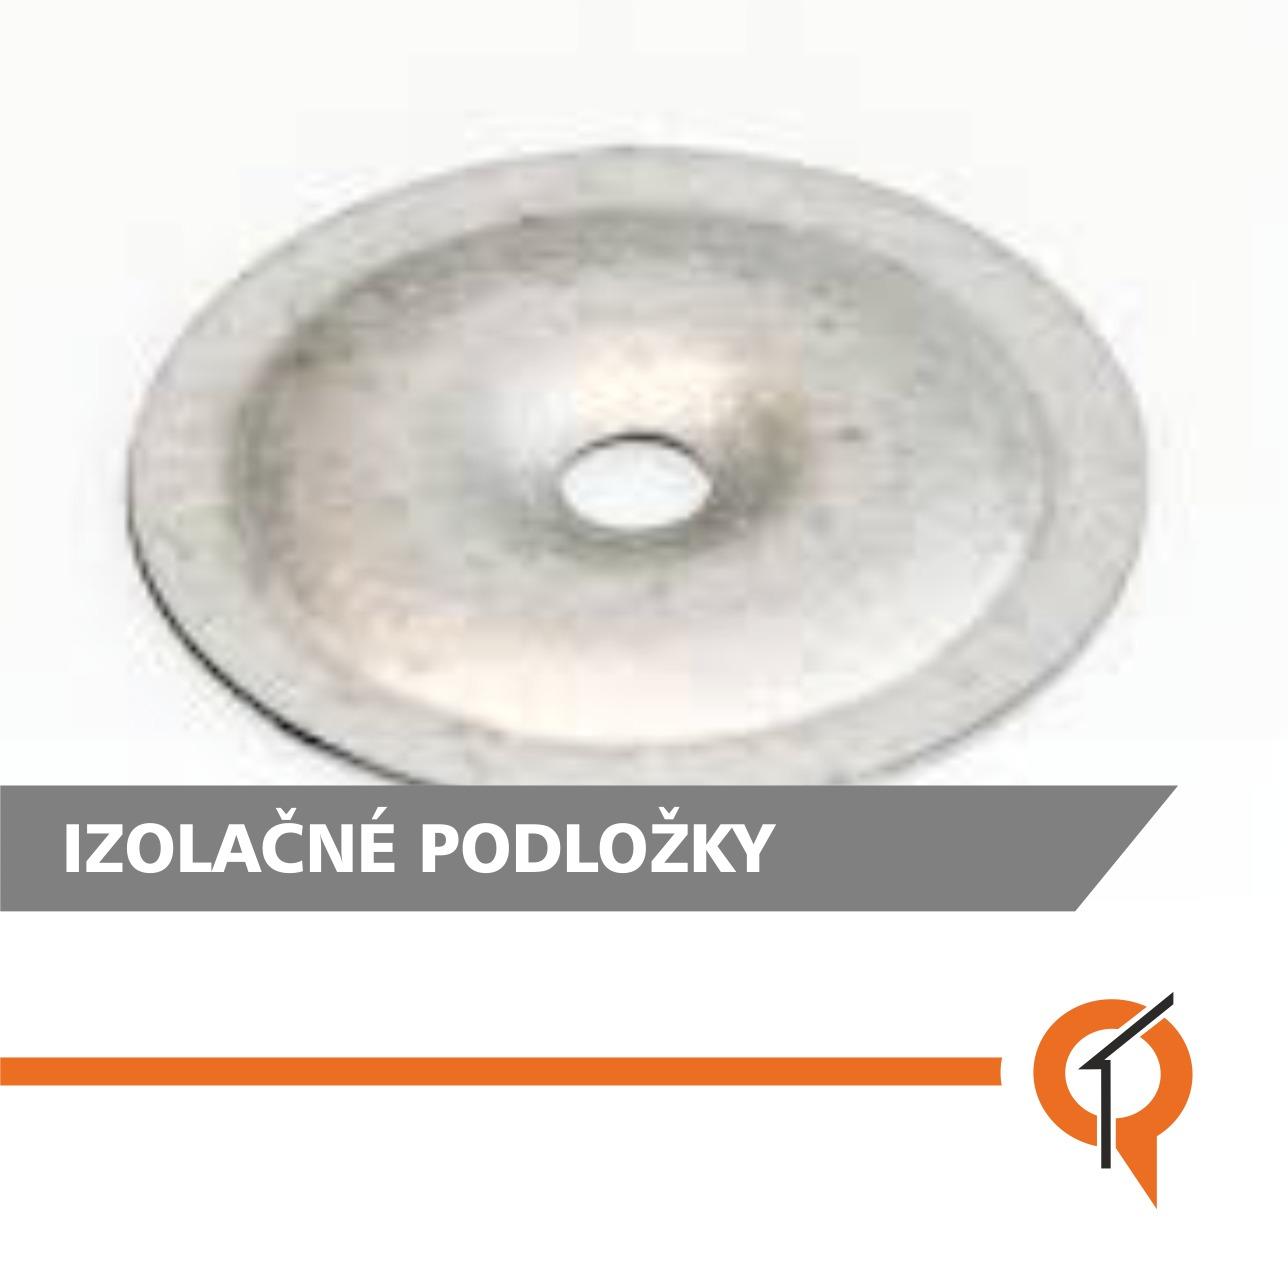 izolacne_podlozky_qtrend